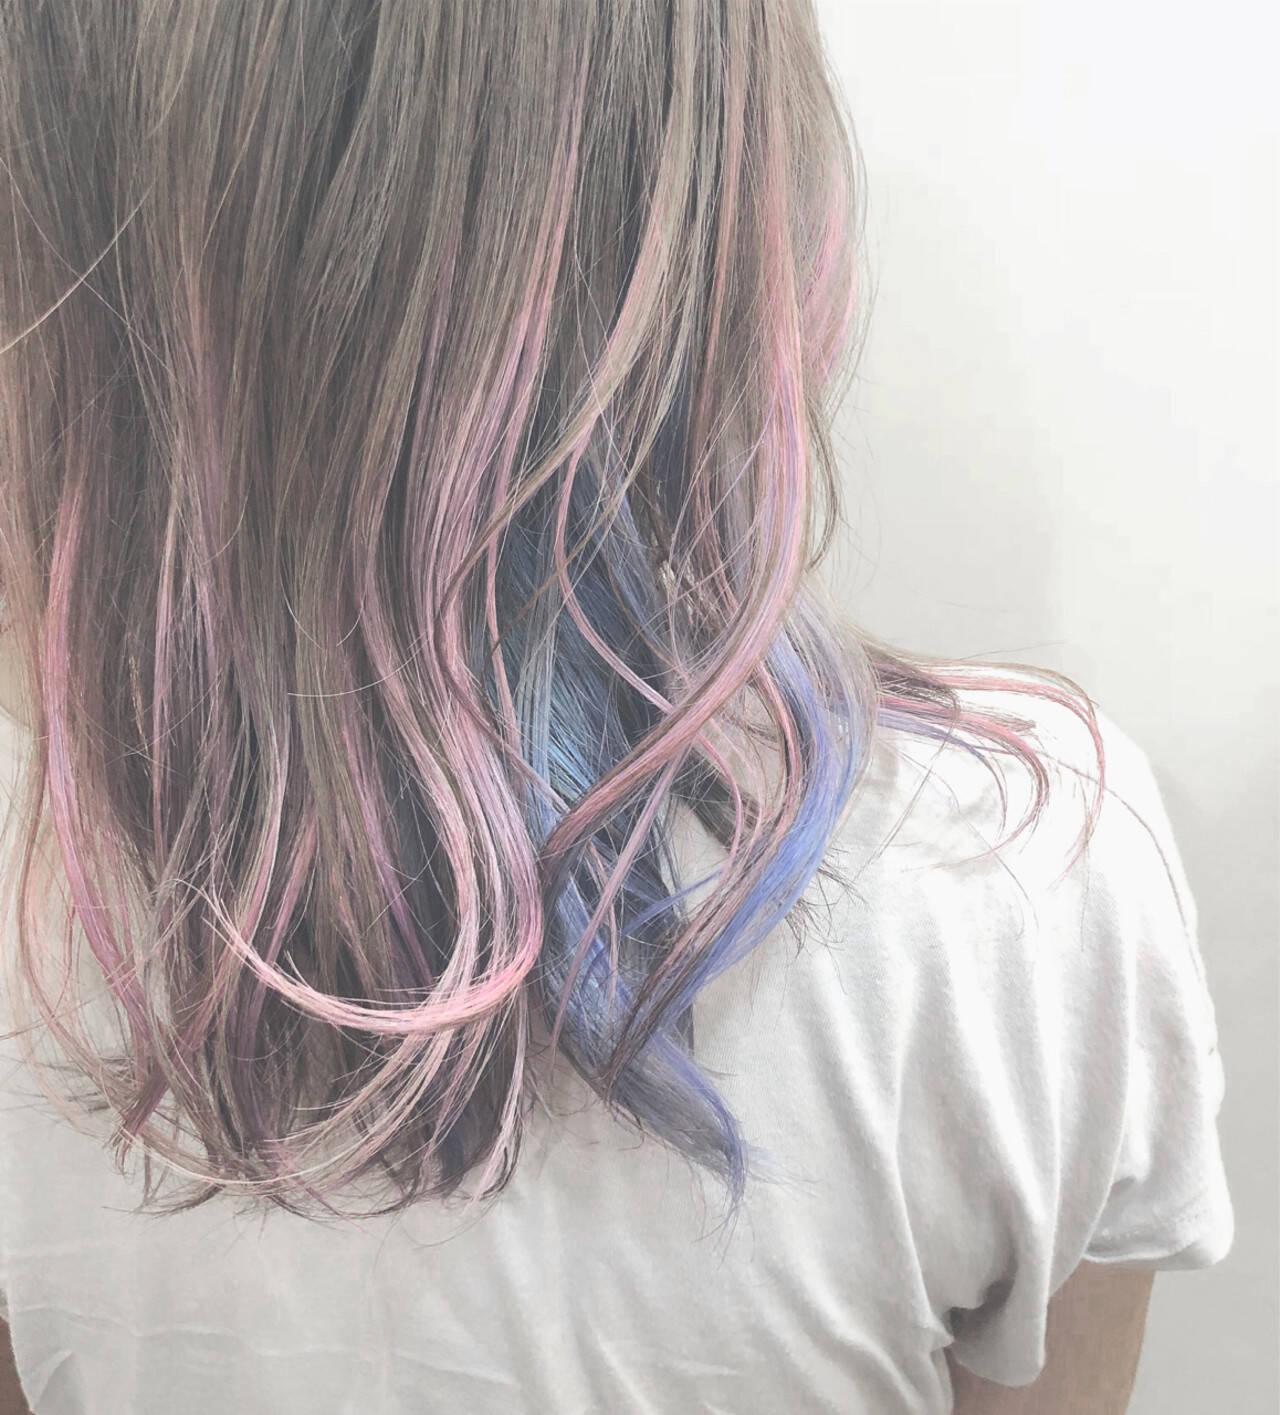 ミディアム バレイヤージュ ハイライト パステルカラーヘアスタイルや髪型の写真・画像